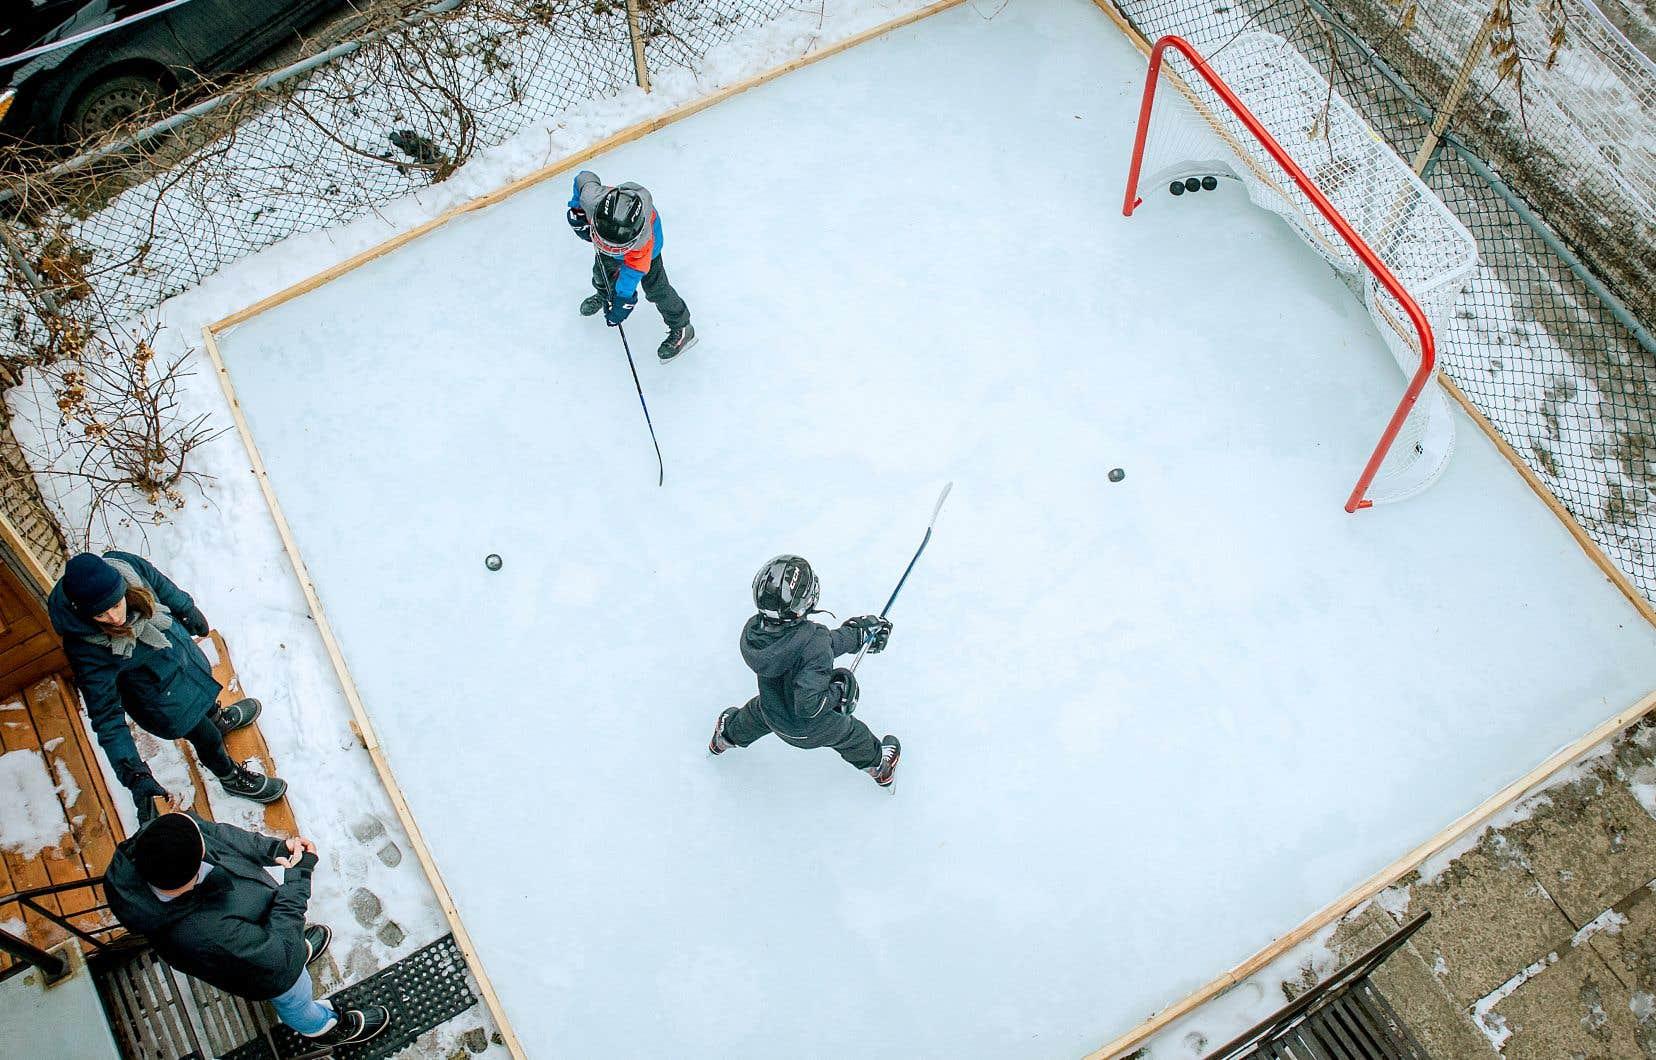 La saison de hockey de ses deux fils de six et de neuf ans ayant été suspendue en raison du coronavirus, Alphé Gagné a aménagé une patinoire dans sa ruelle. «J'ai toujours rêvé d'avoir une patinoire chez moi depuis que je suis jeune.»